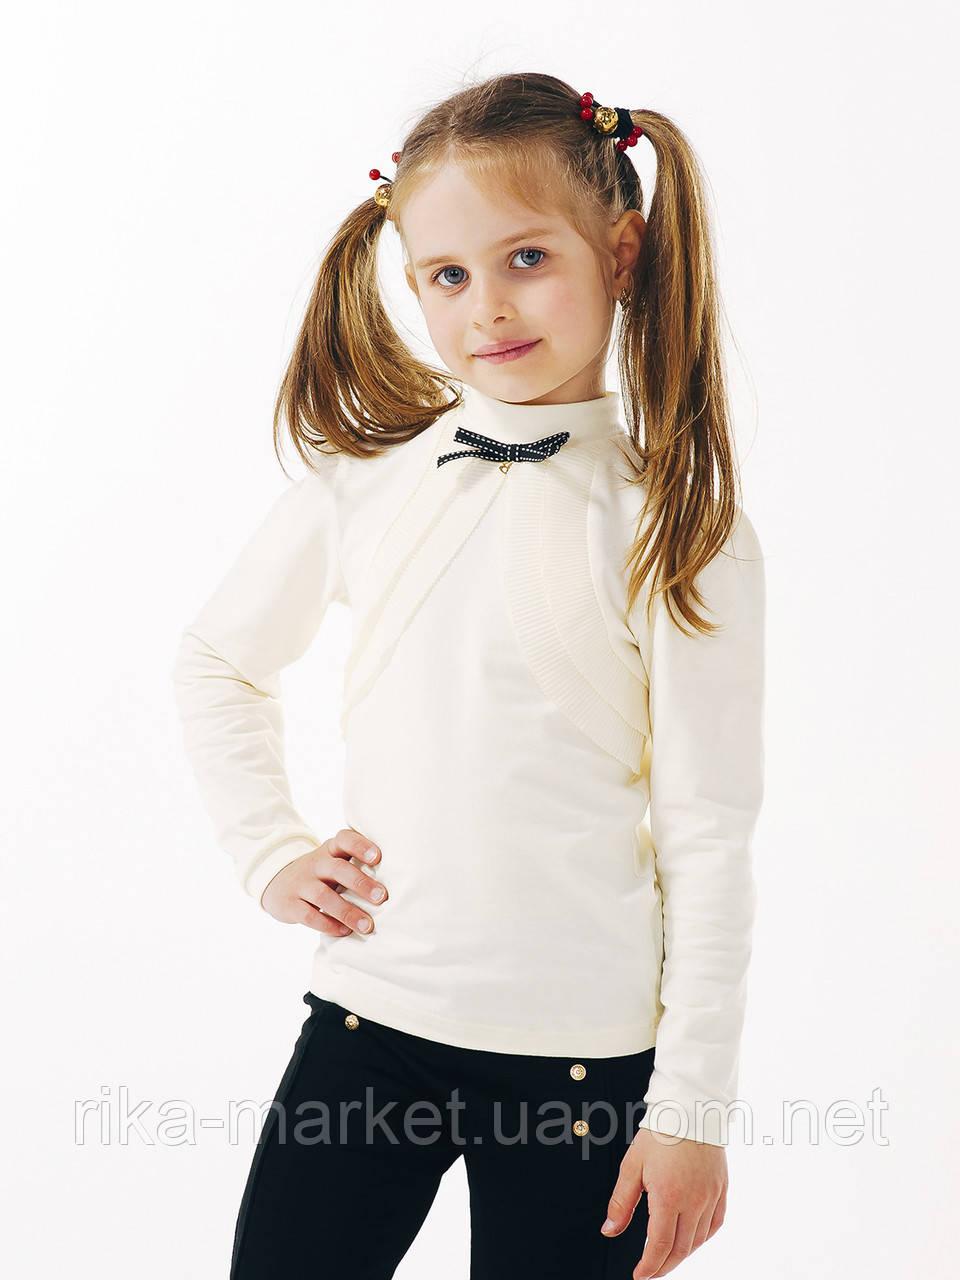 Красивая водолазка для школьницы, ТМ Смил, 114645 возраст 11 - 15 лет